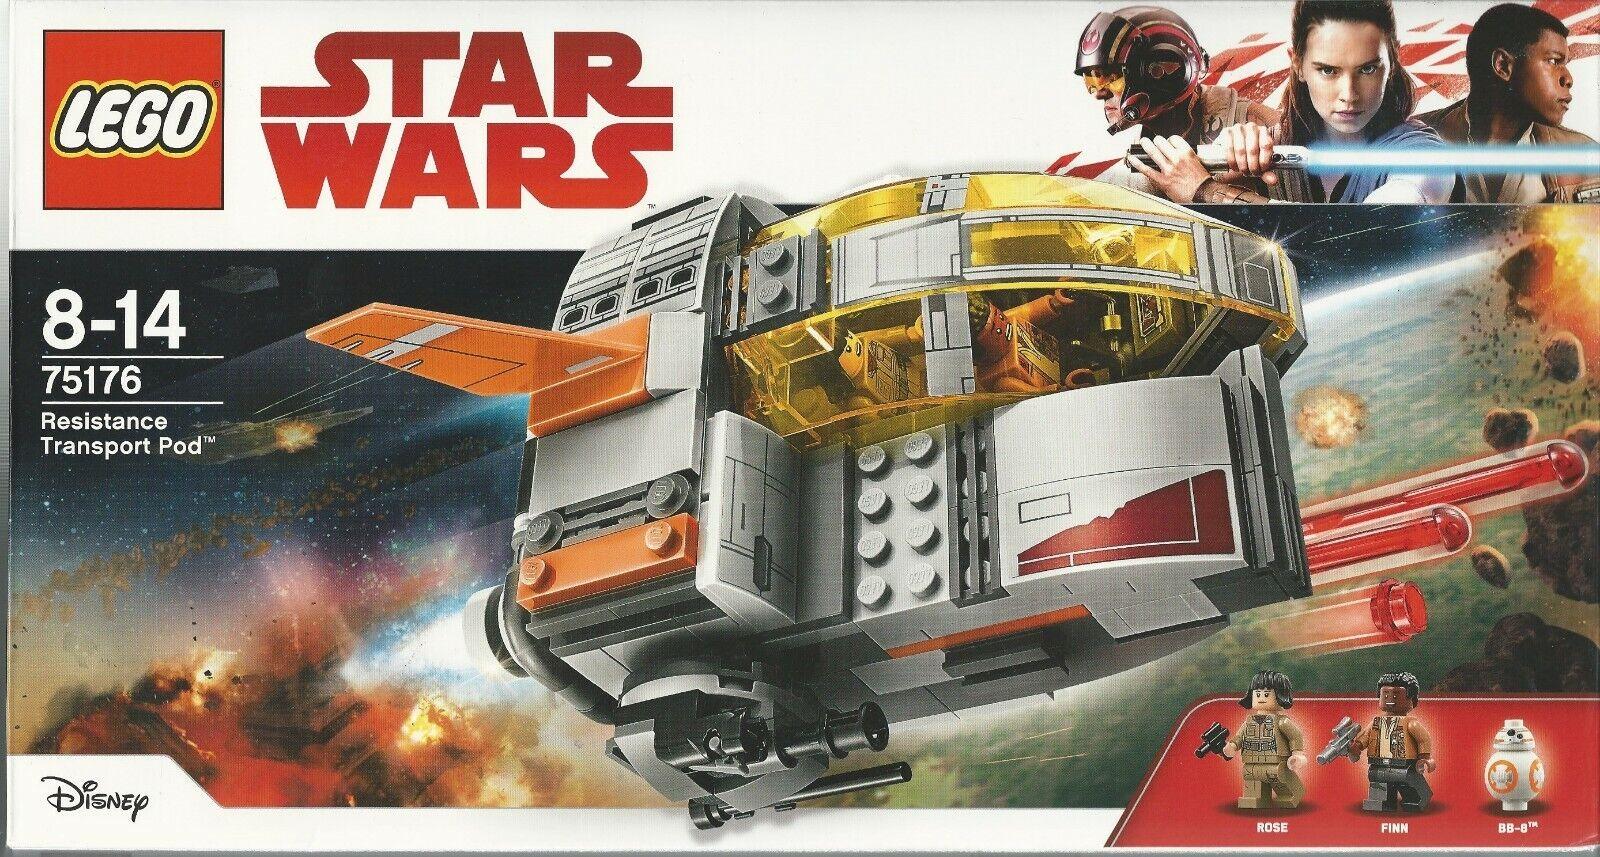 LEGO STAR STAR STAR WARS 75176 RESISTANCE TRANSPORT POD  pink Finn BB 8 New Nib Sealed 2eb144